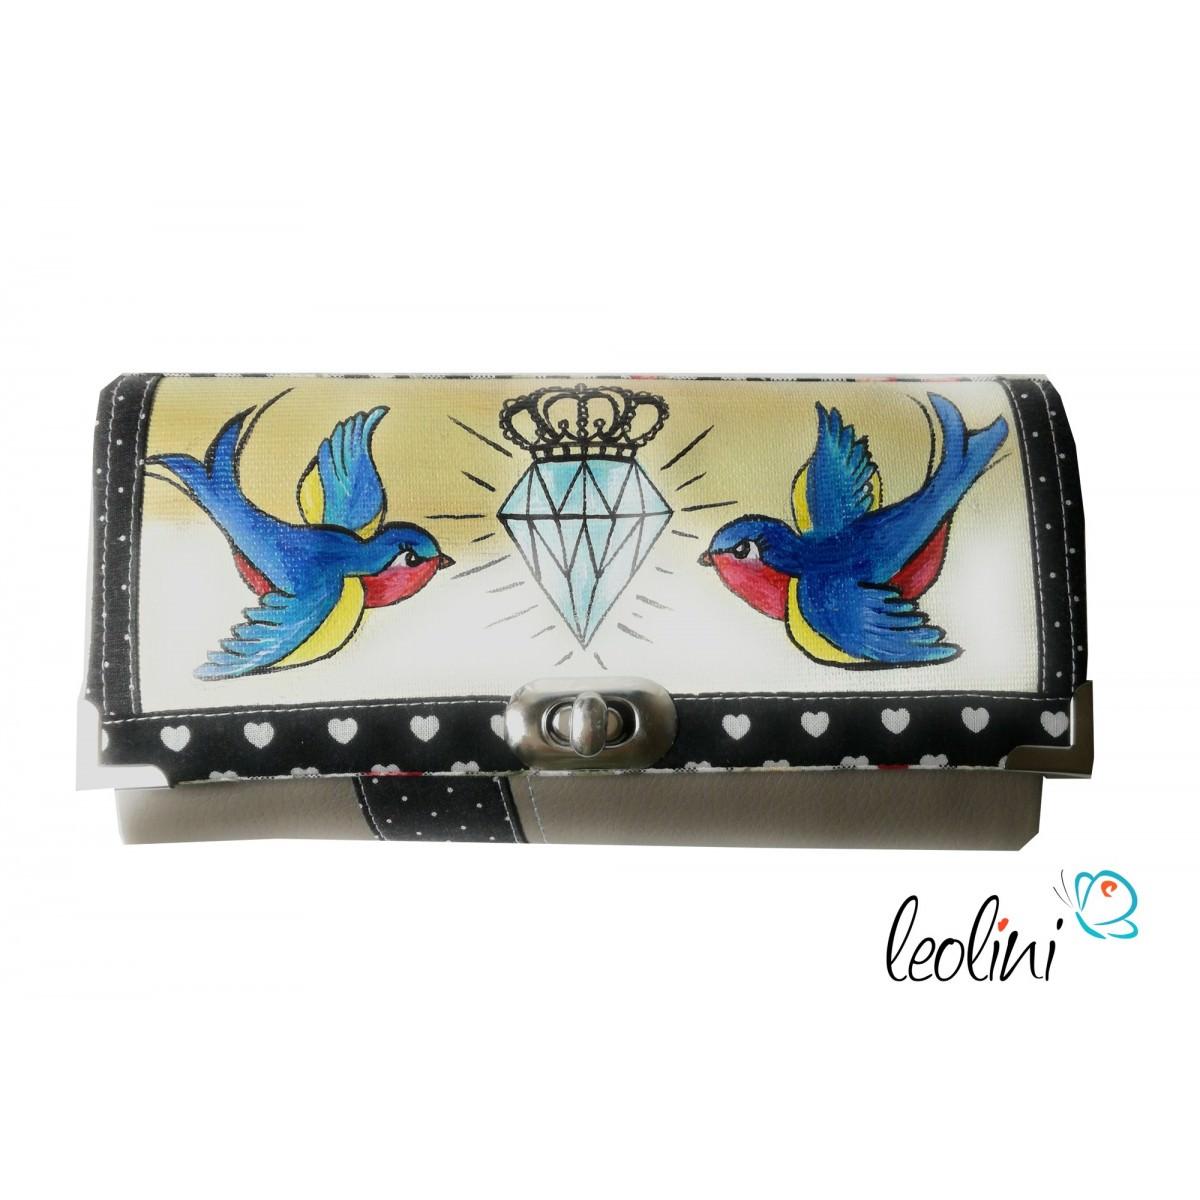 Malerei Portemonnaie - Damengeldbörse mit Schwalben Diamant Krone